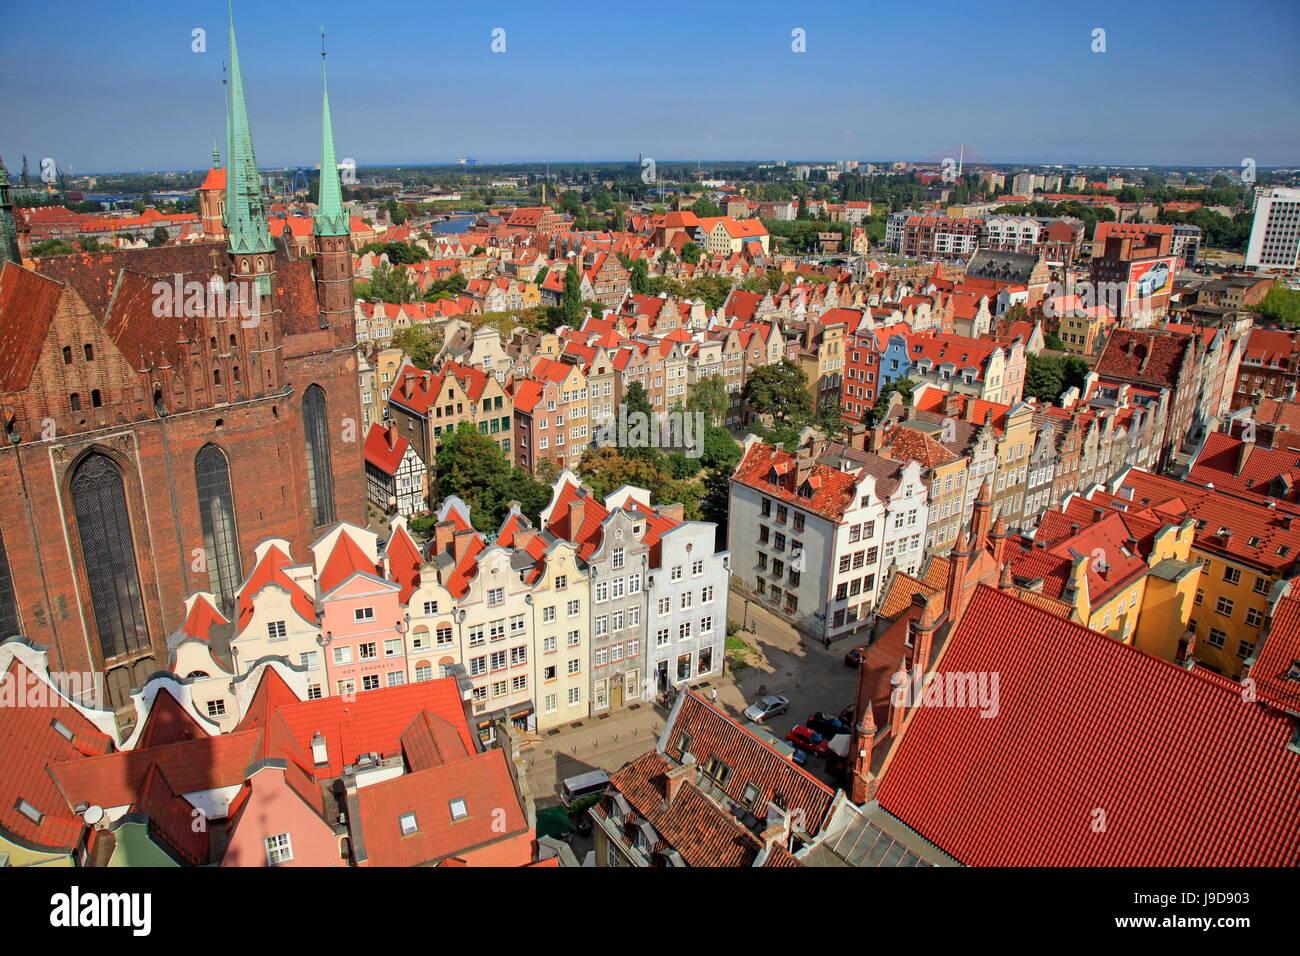 Città Vecchia con la Chiesa di Santa Maria in Gdansk, Gdansk, Pomerania, Polonia, Europa Immagini Stock